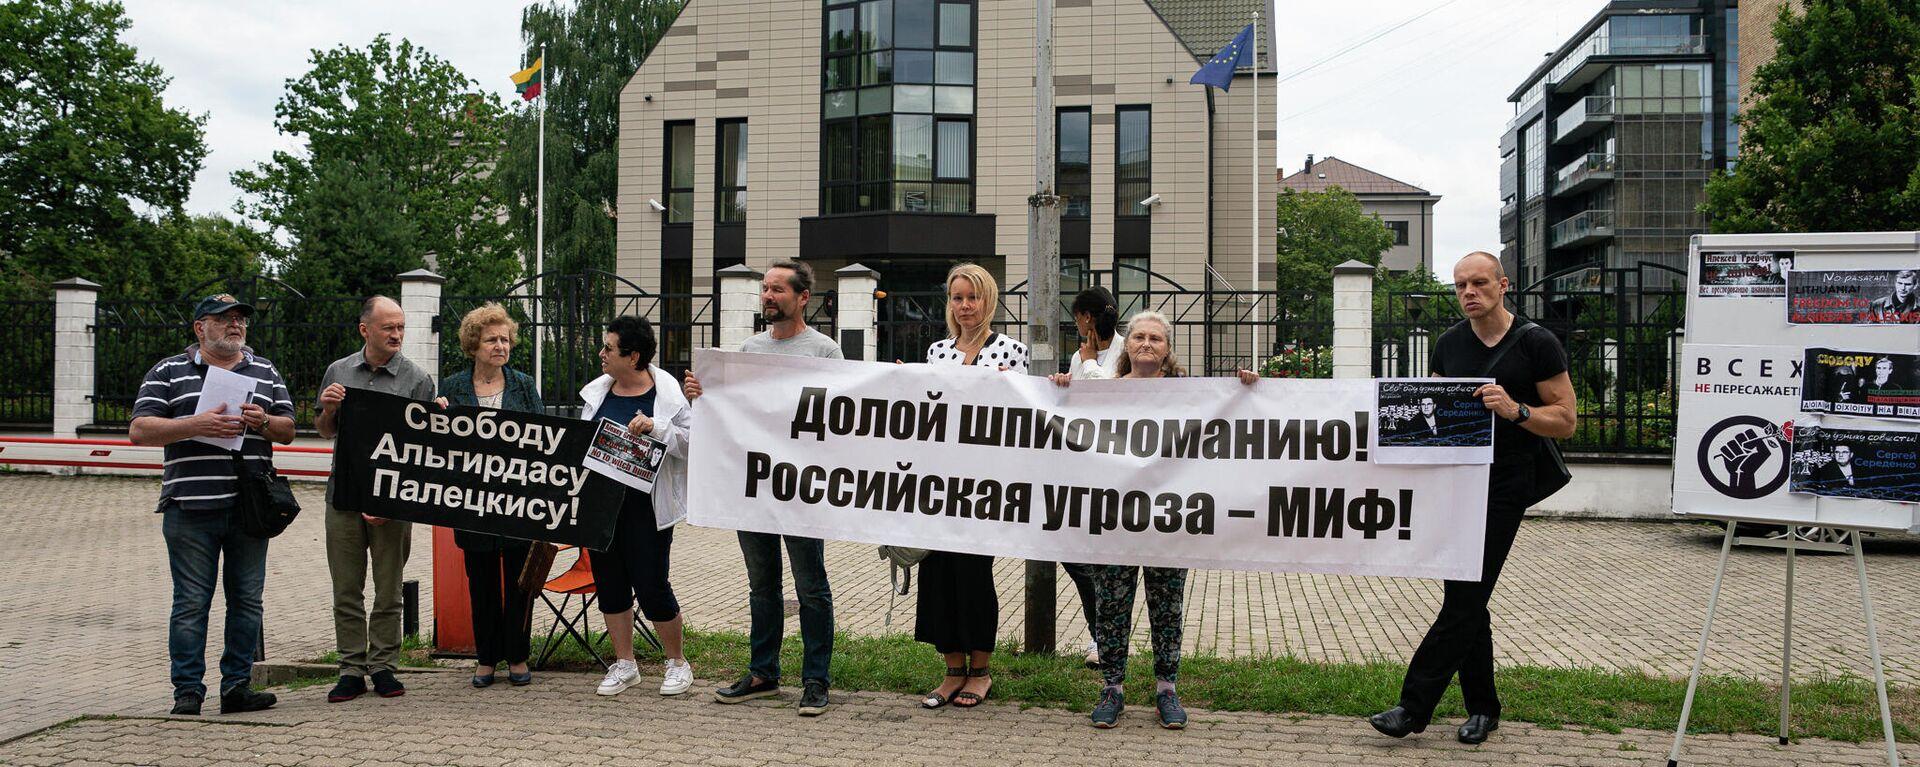 Русский союз Латвии провел акцию солидарности с политическими узниками у здания посольства Литвы в Риге - Sputnik Латвия, 1920, 09.08.2021